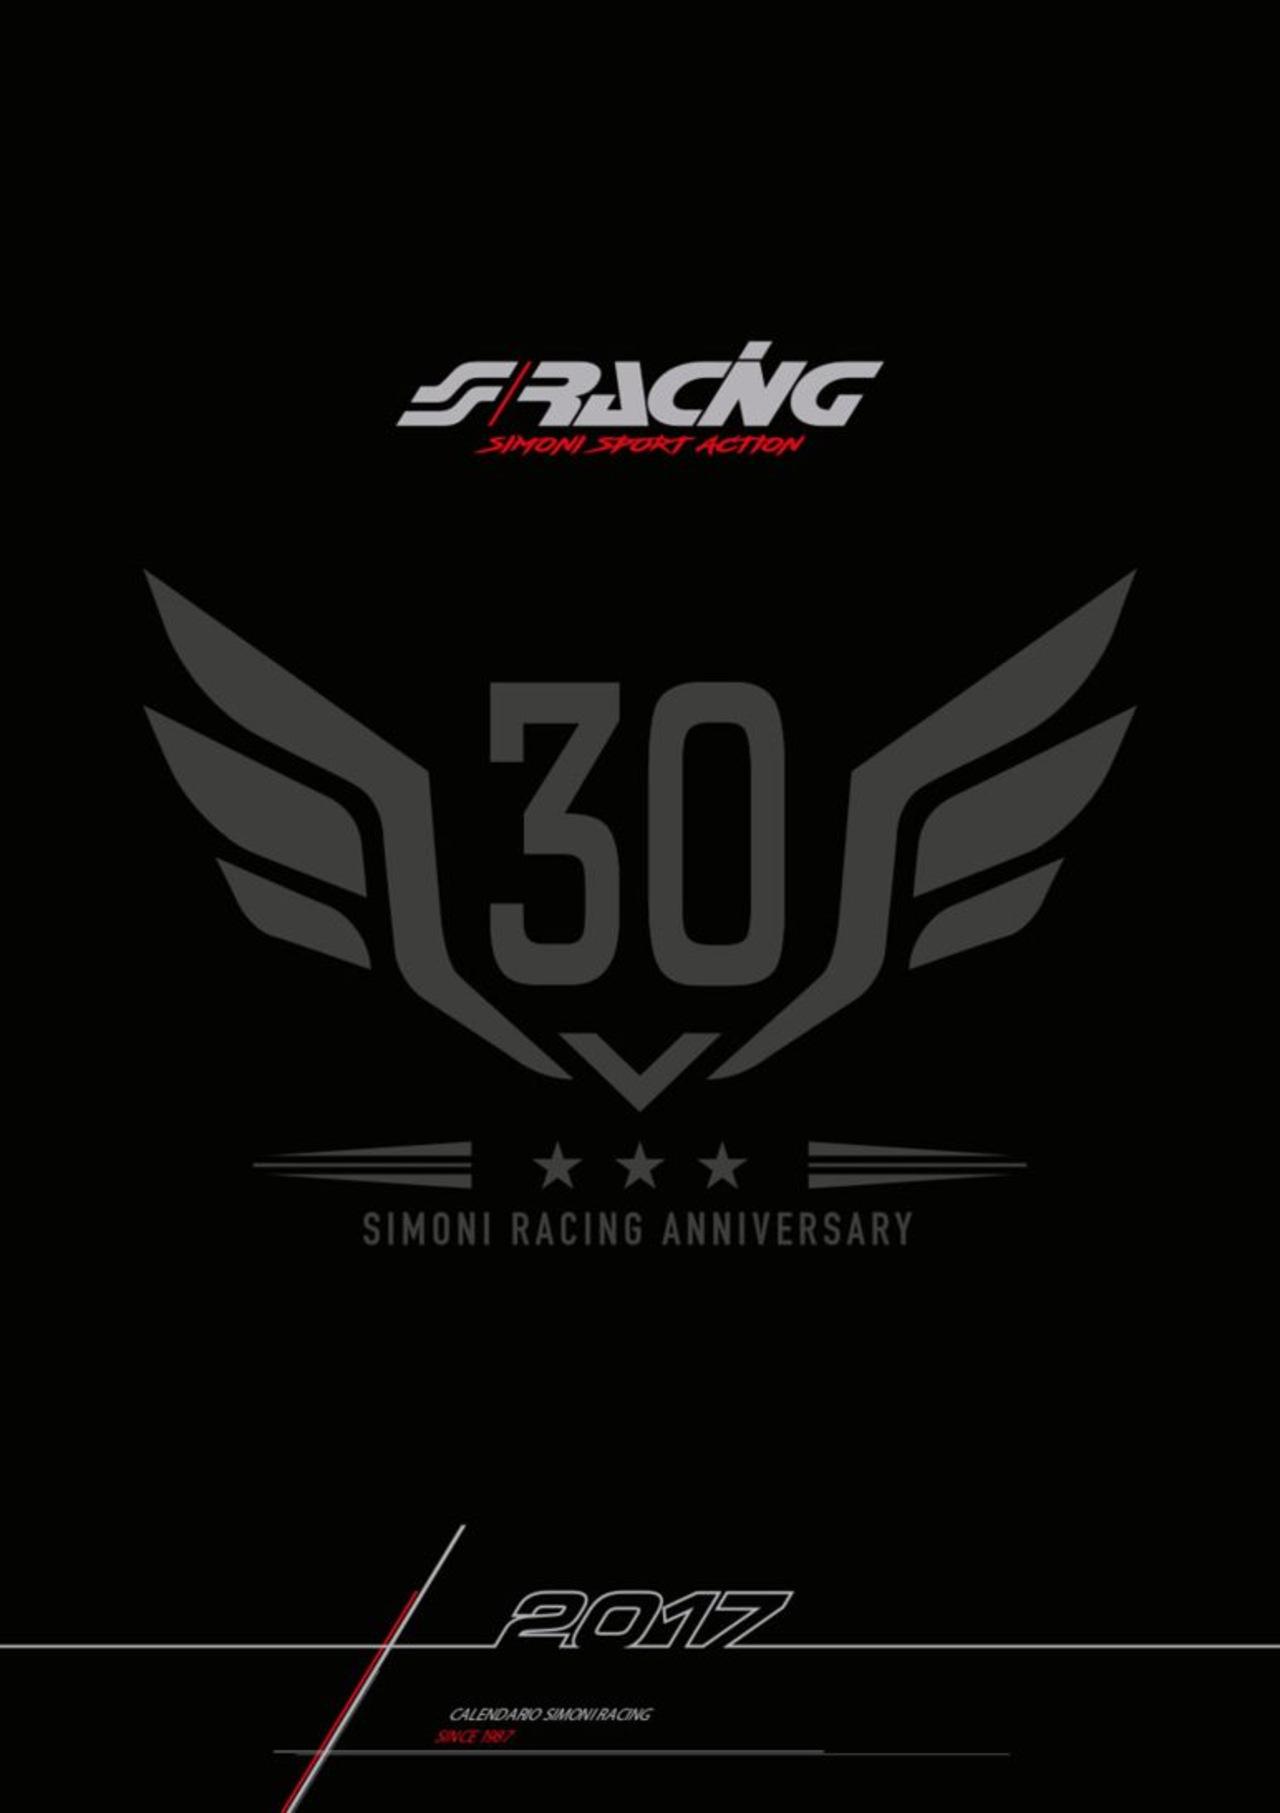 Эротический календарь в честь юбилея компании Simoni Racing